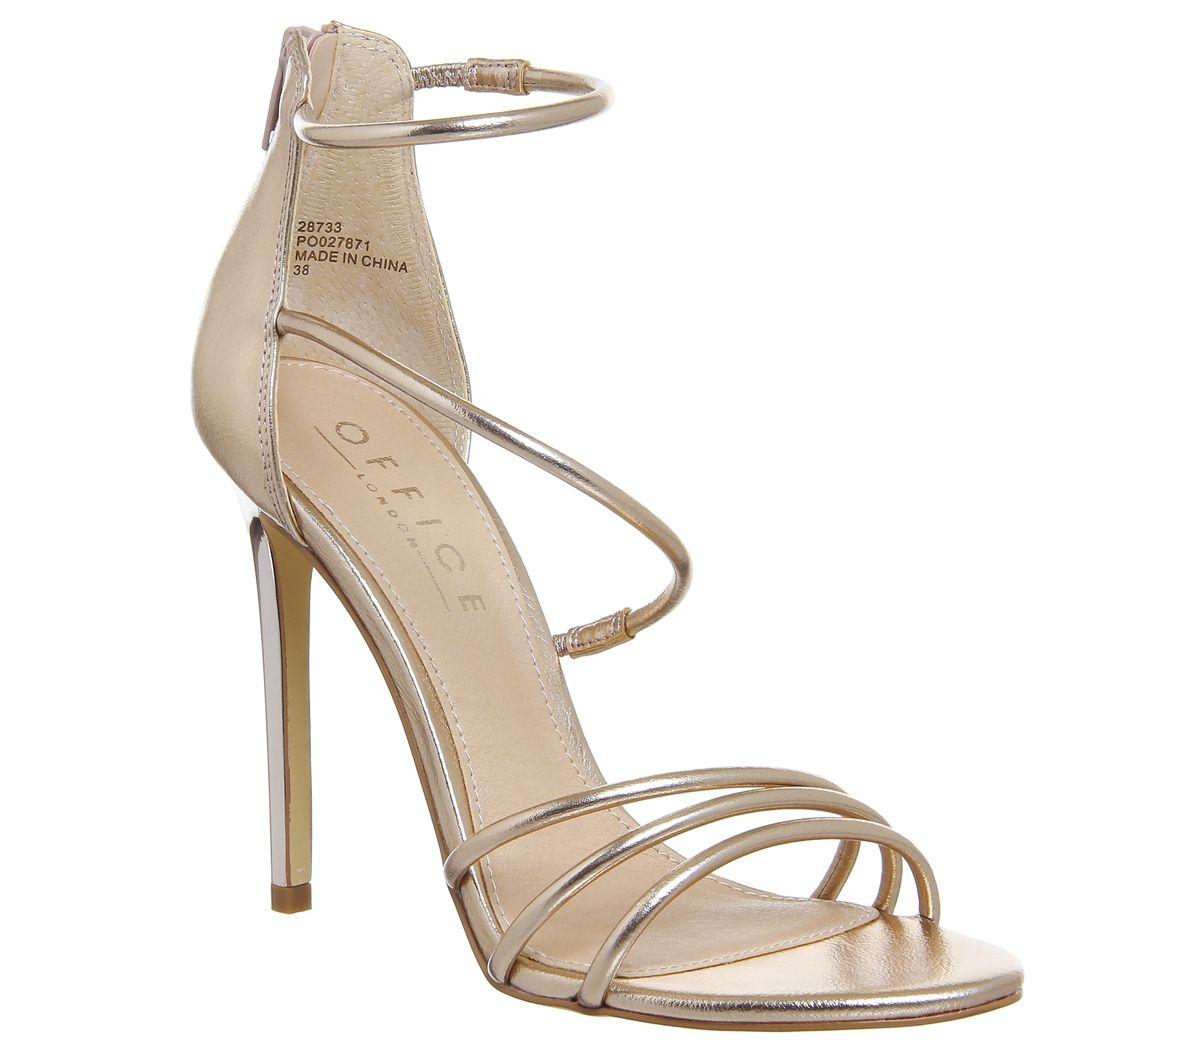 65e8a7bdac4 Harness Strappy Sandals